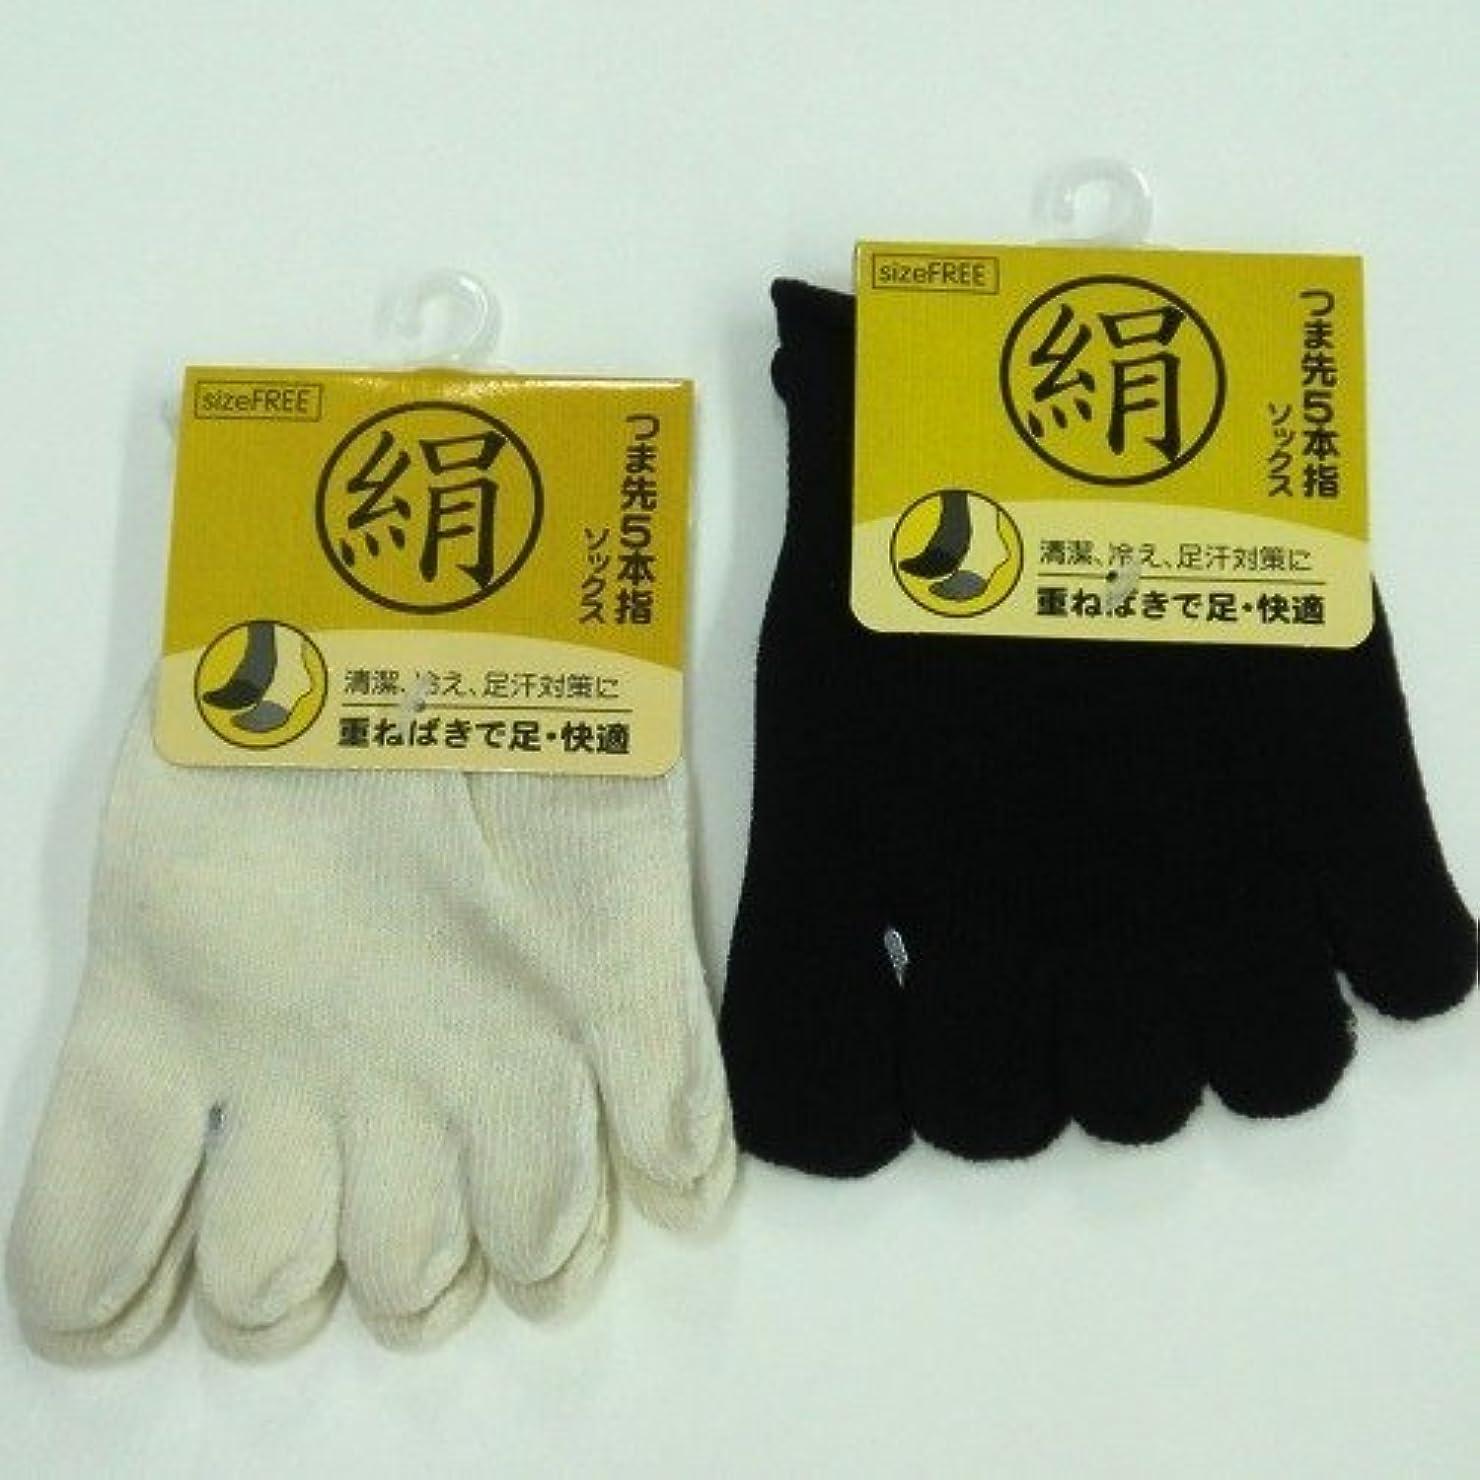 チキン視聴者押すシルク 5本指ハーフソックス 足指カバー 天然素材絹で抗菌防臭 4足組